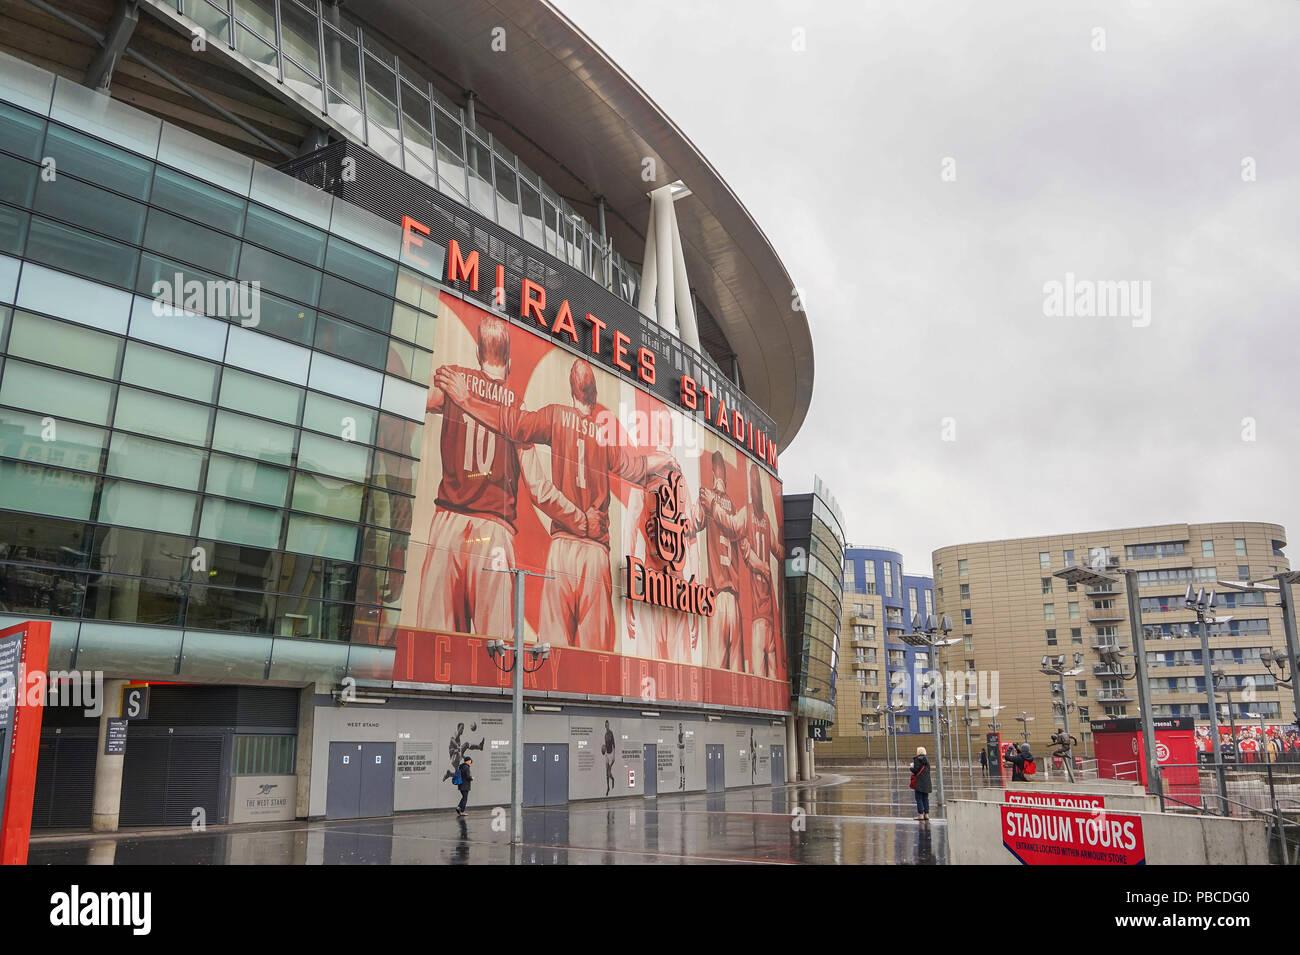 Emirates Stadium, London: address, photo, capacity 74